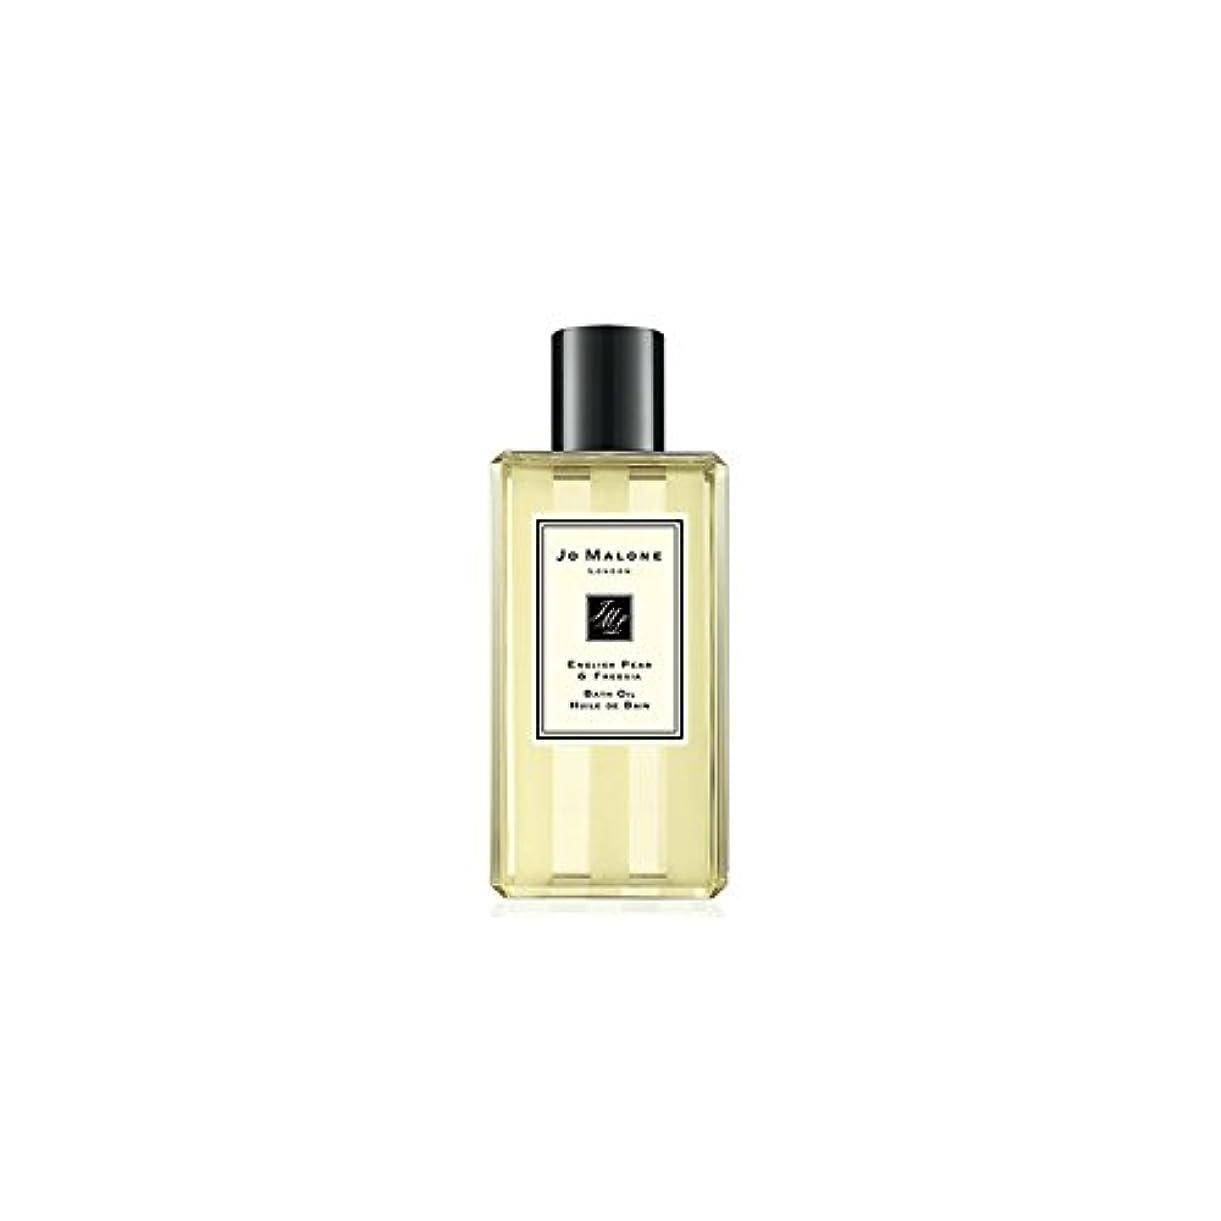 倫理ハッピー頂点Jo Malone English Pear & Freesia Bath Oil - 250ml (Pack of 2) - ジョーマローン英語梨&フリージアのバスオイル - 250ミリリットル (x2) [並行輸入品]